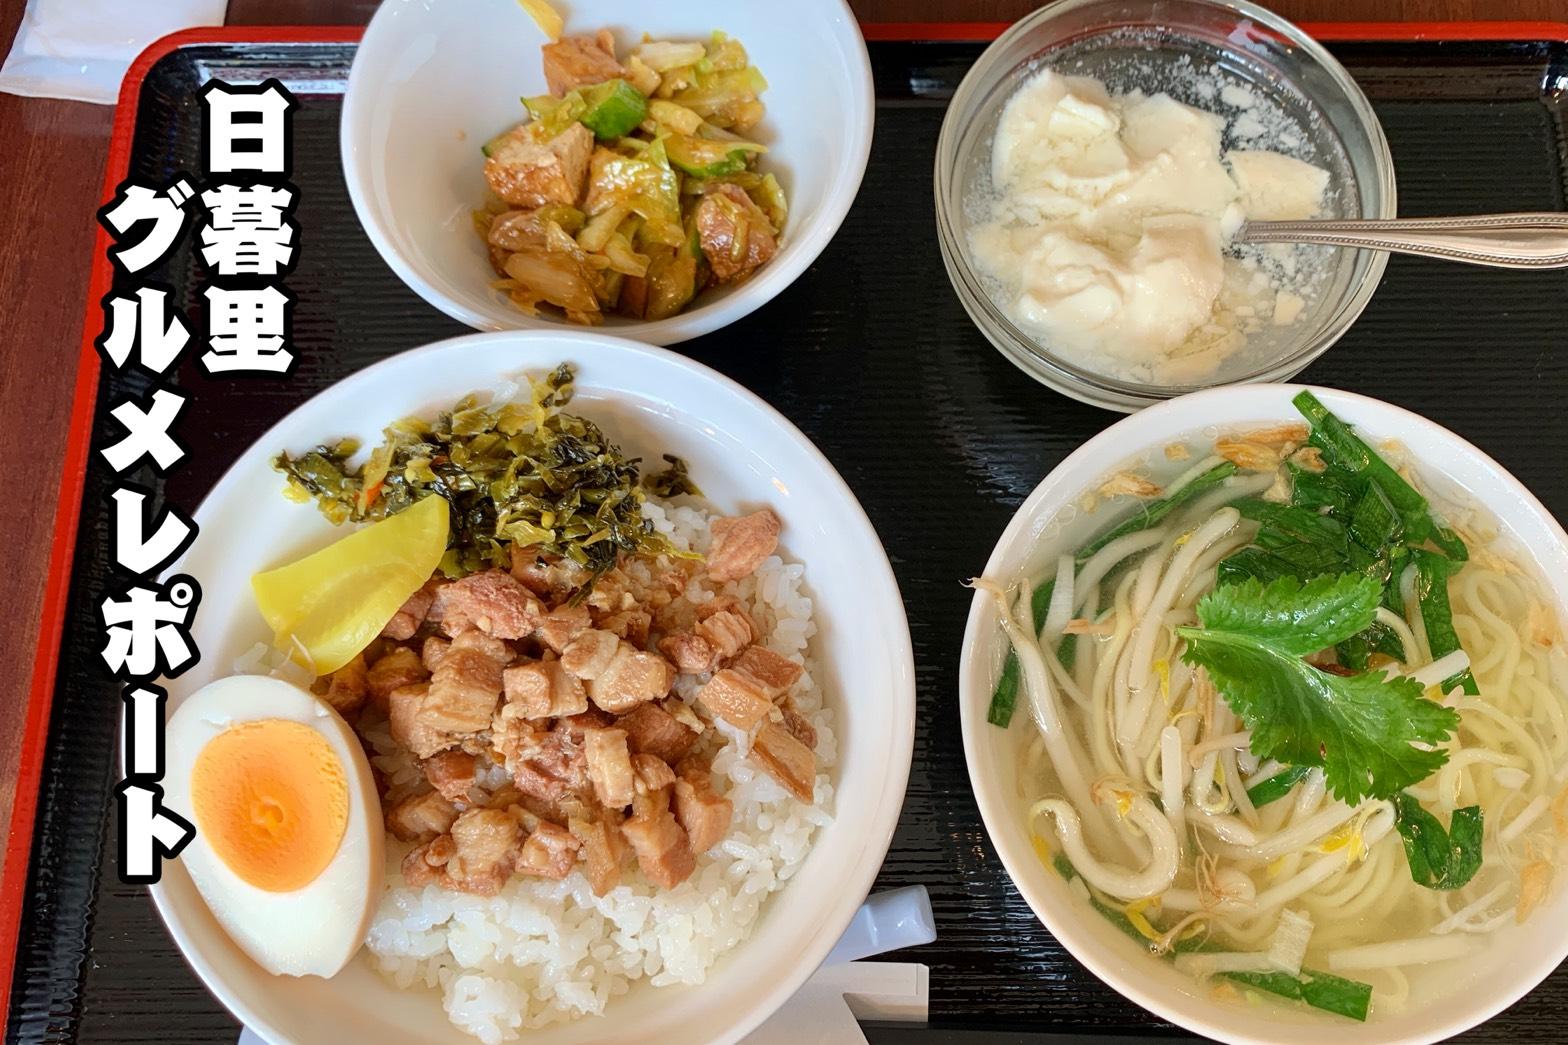 【日暮里グルメレポート】「京の華別邸」で本格台湾料理を食べるランチタイム